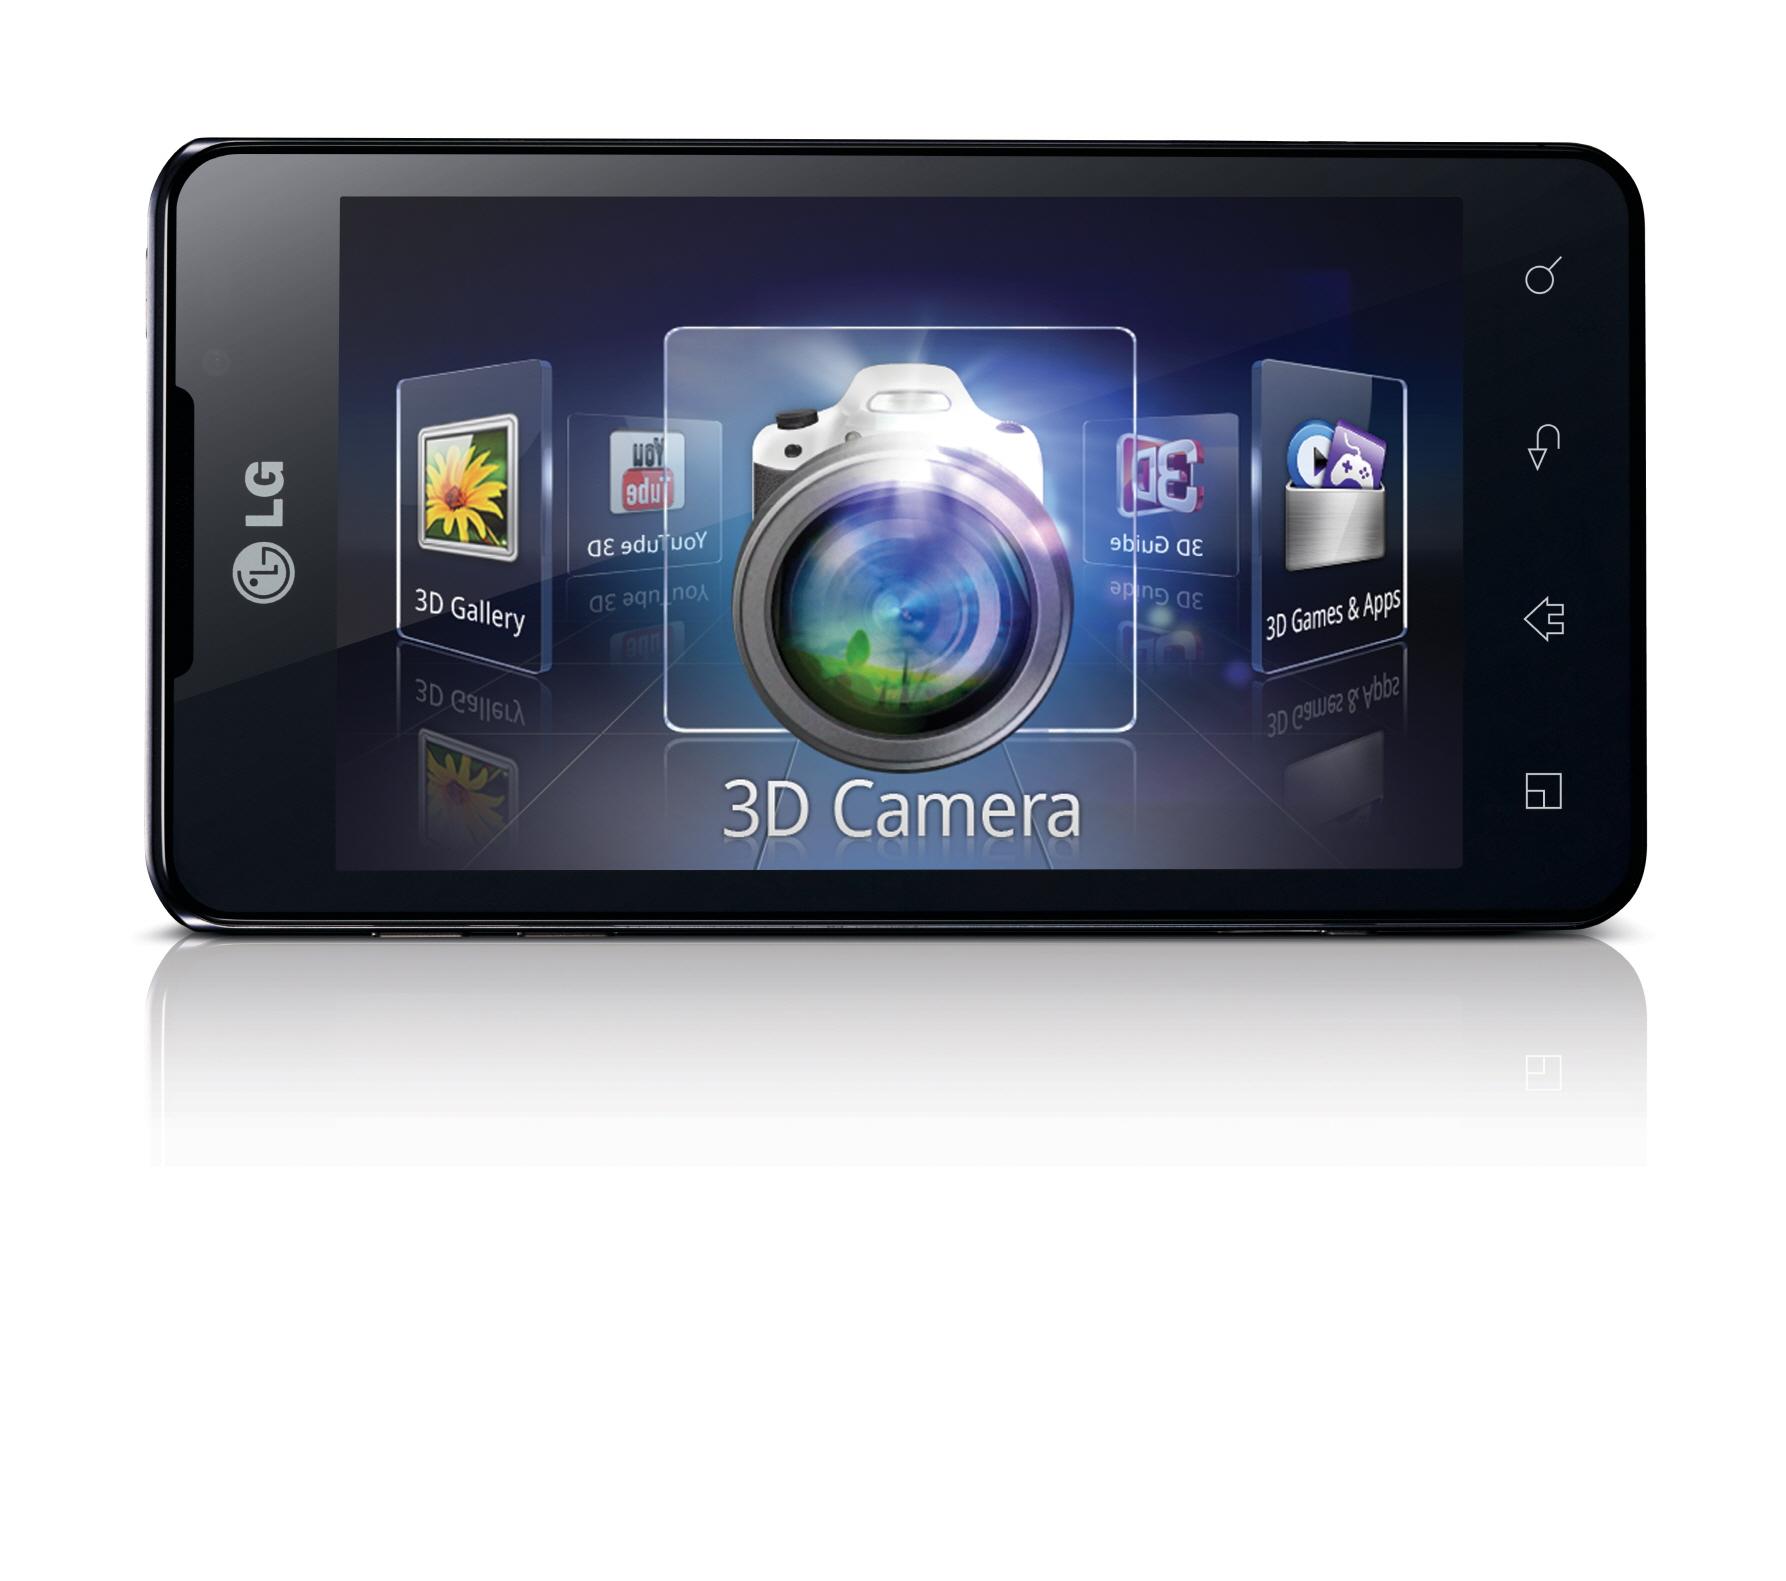 LG-Optimus-3D-Max-02